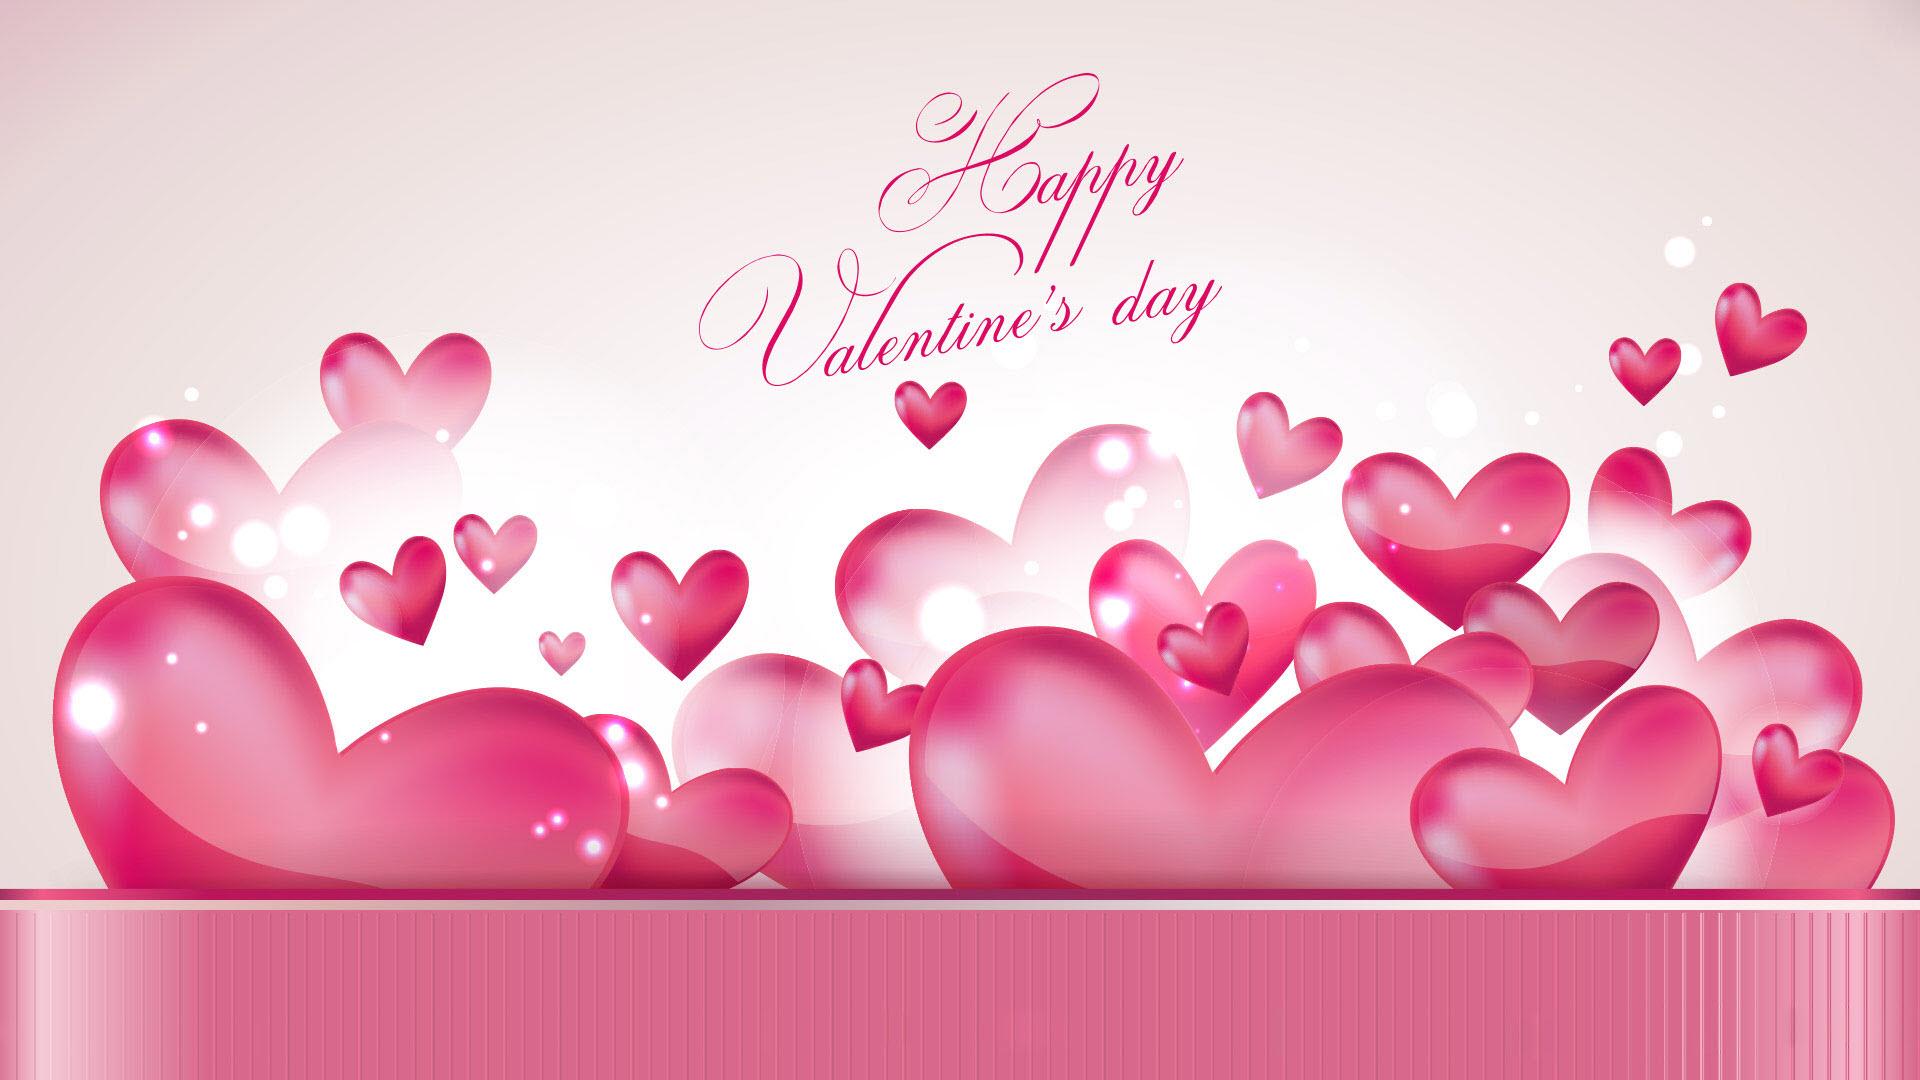 Ảnh chúc mừng valentine đẹp